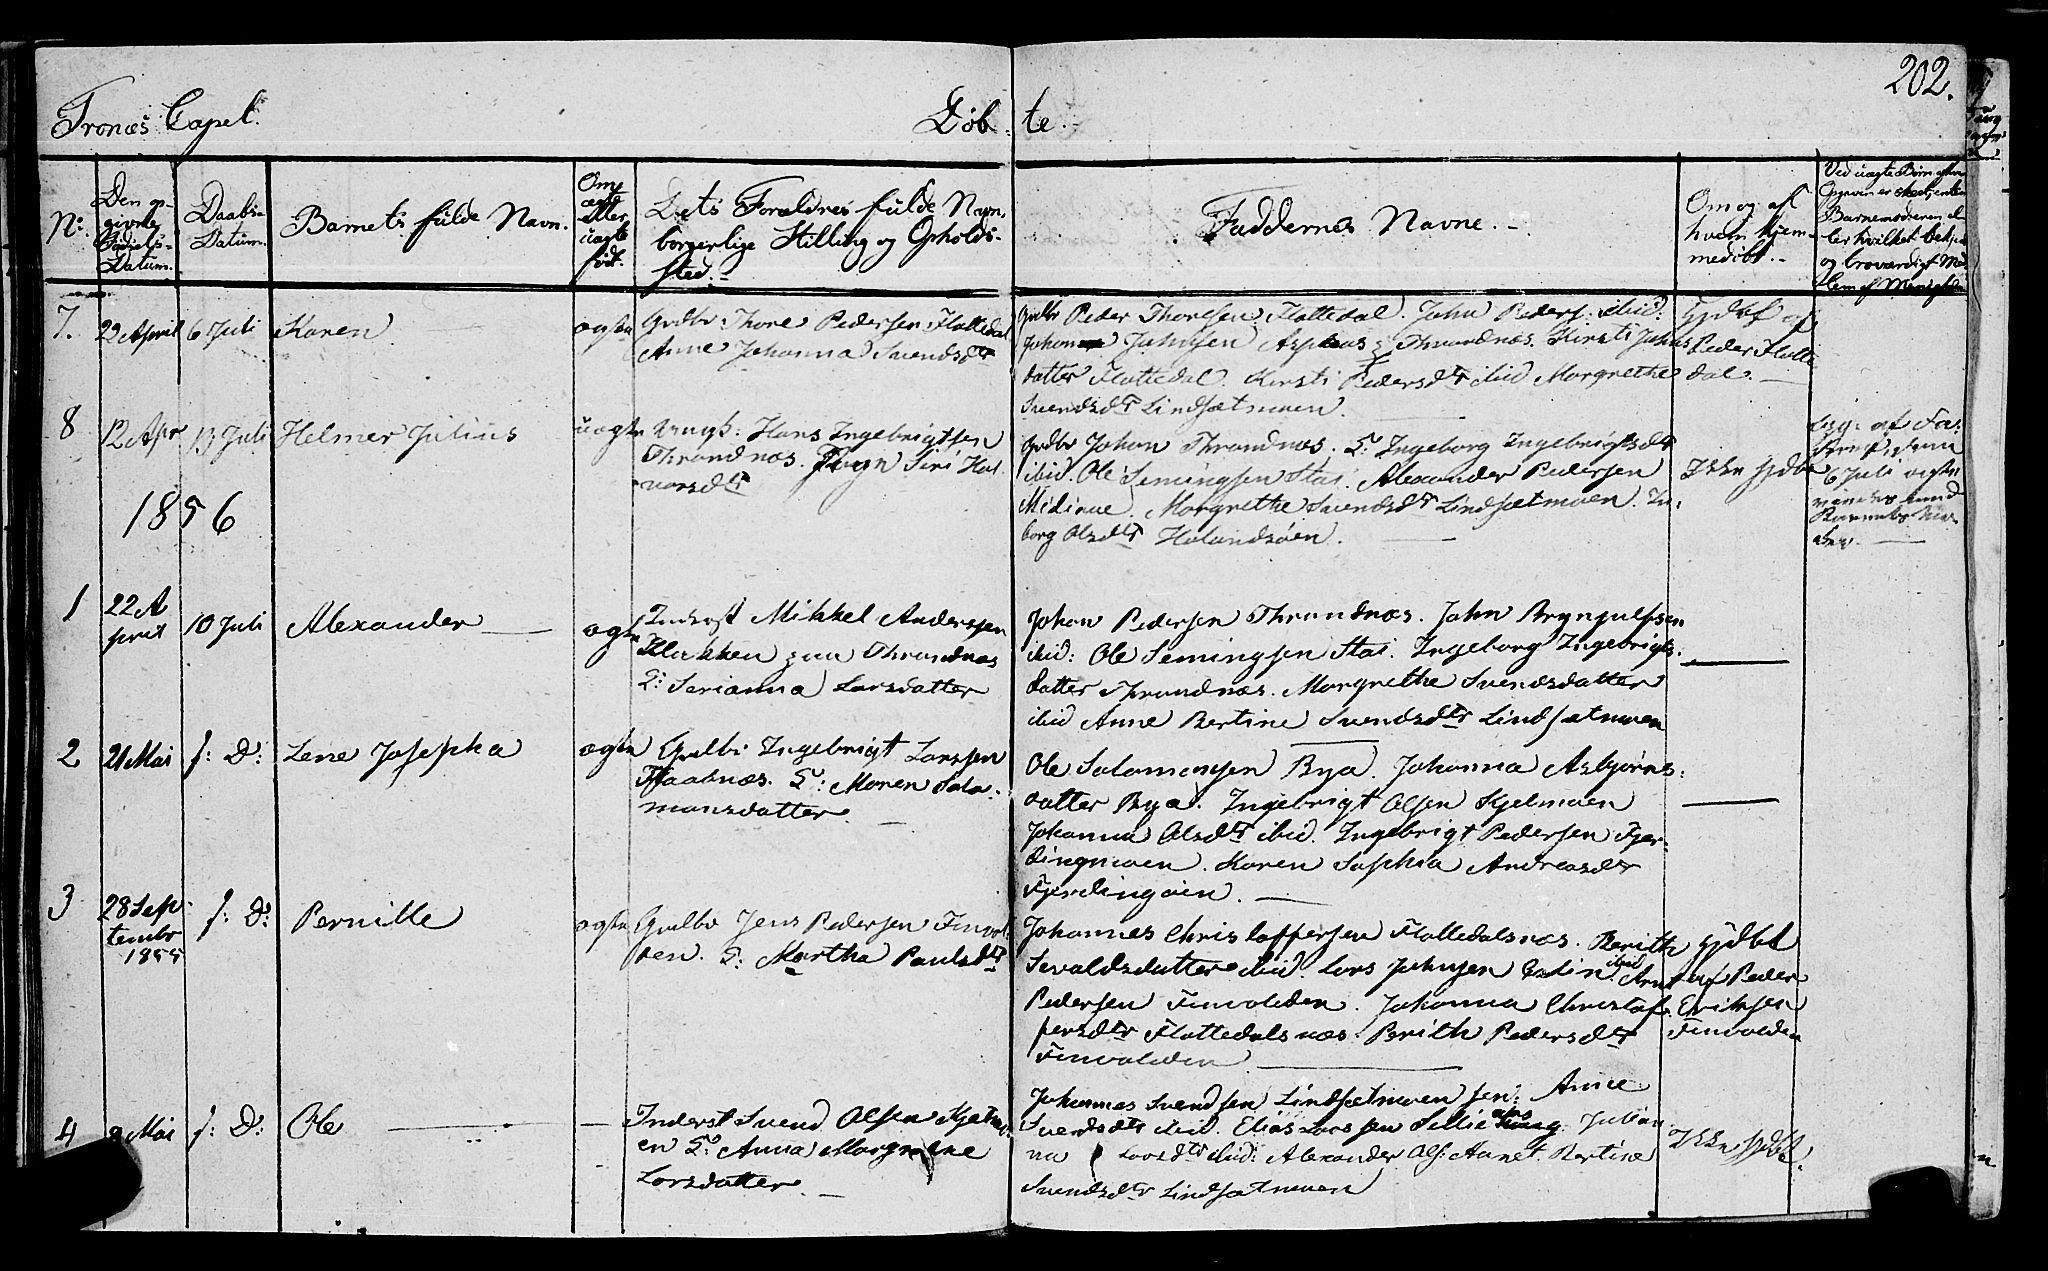 SAT, Ministerialprotokoller, klokkerbøker og fødselsregistre - Nord-Trøndelag, 762/L0538: Ministerialbok nr. 762A02 /2, 1833-1879, s. 202